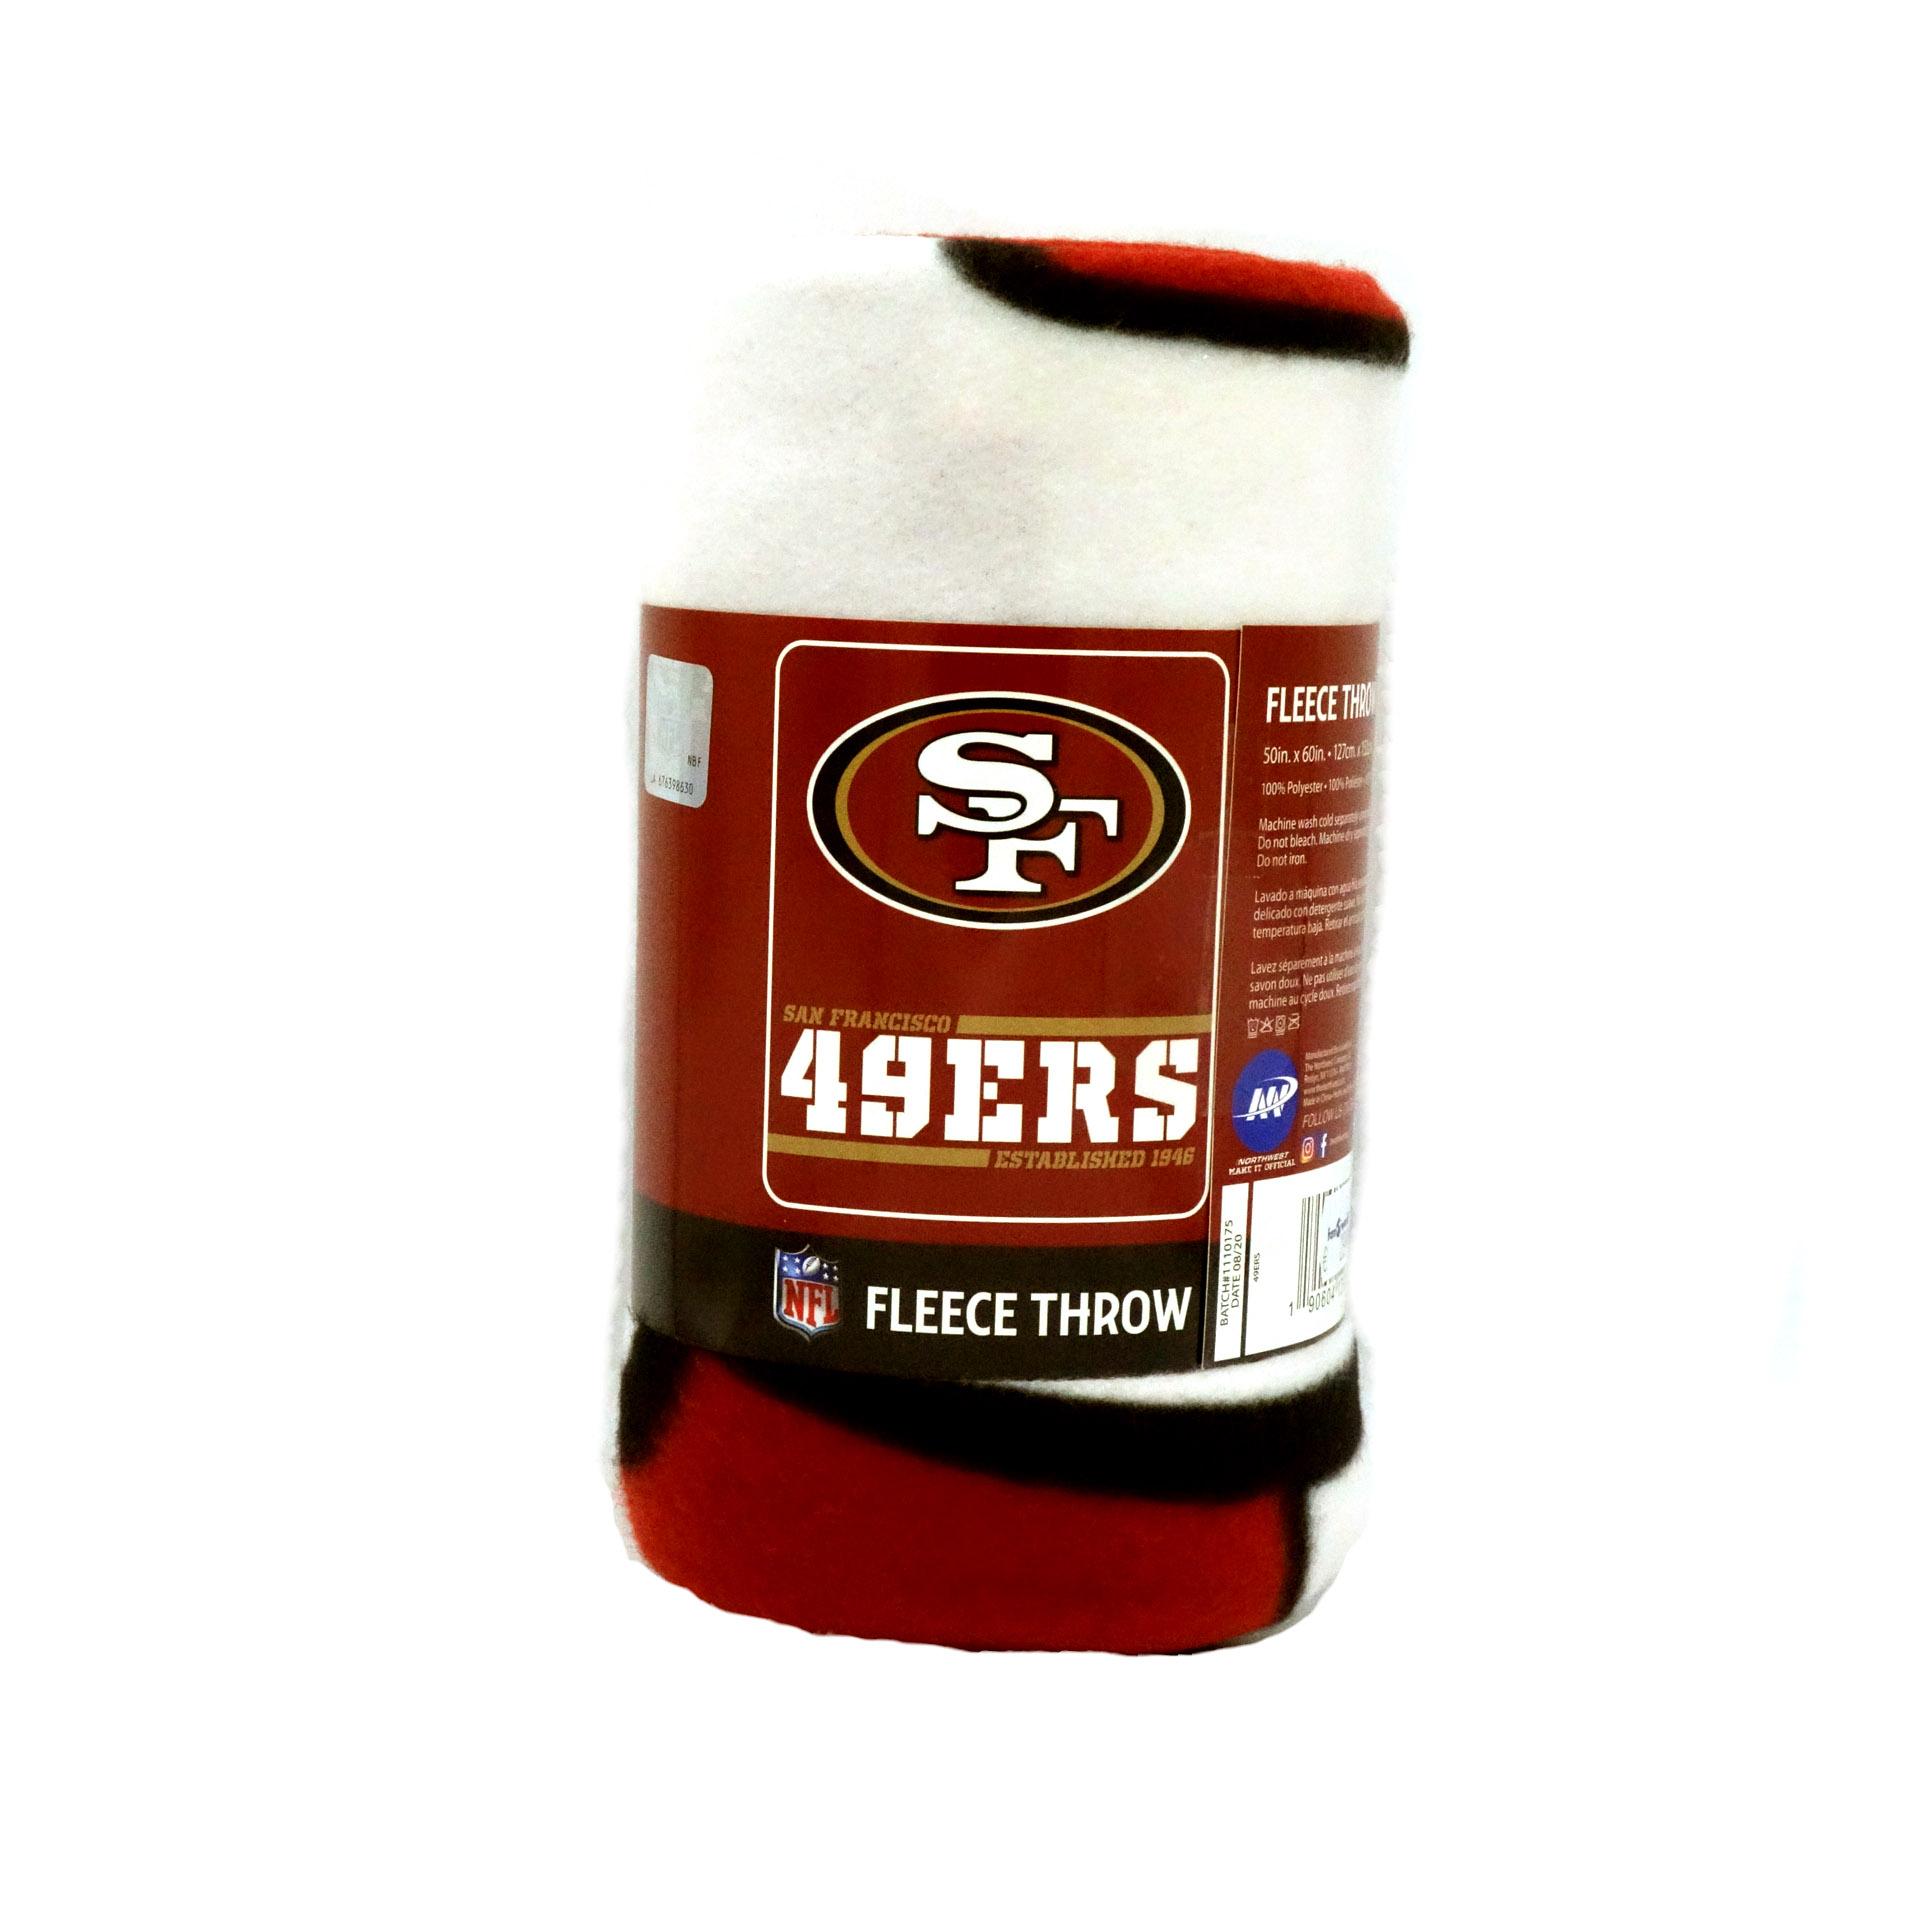 NFL Fleecedecke San Fransisco 49ers